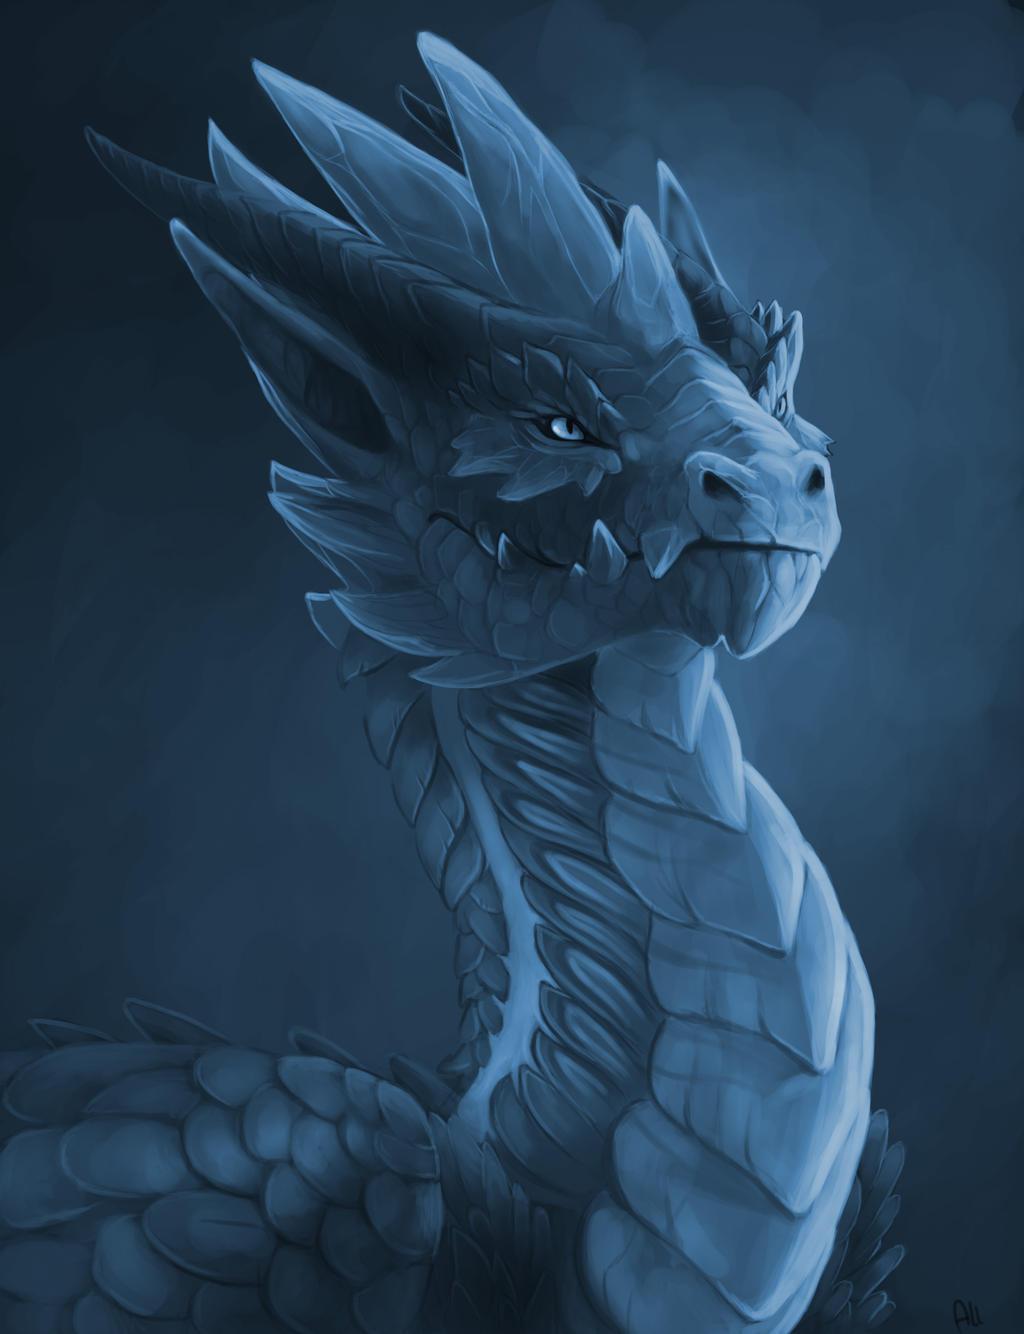 Ice guardian by Allagar